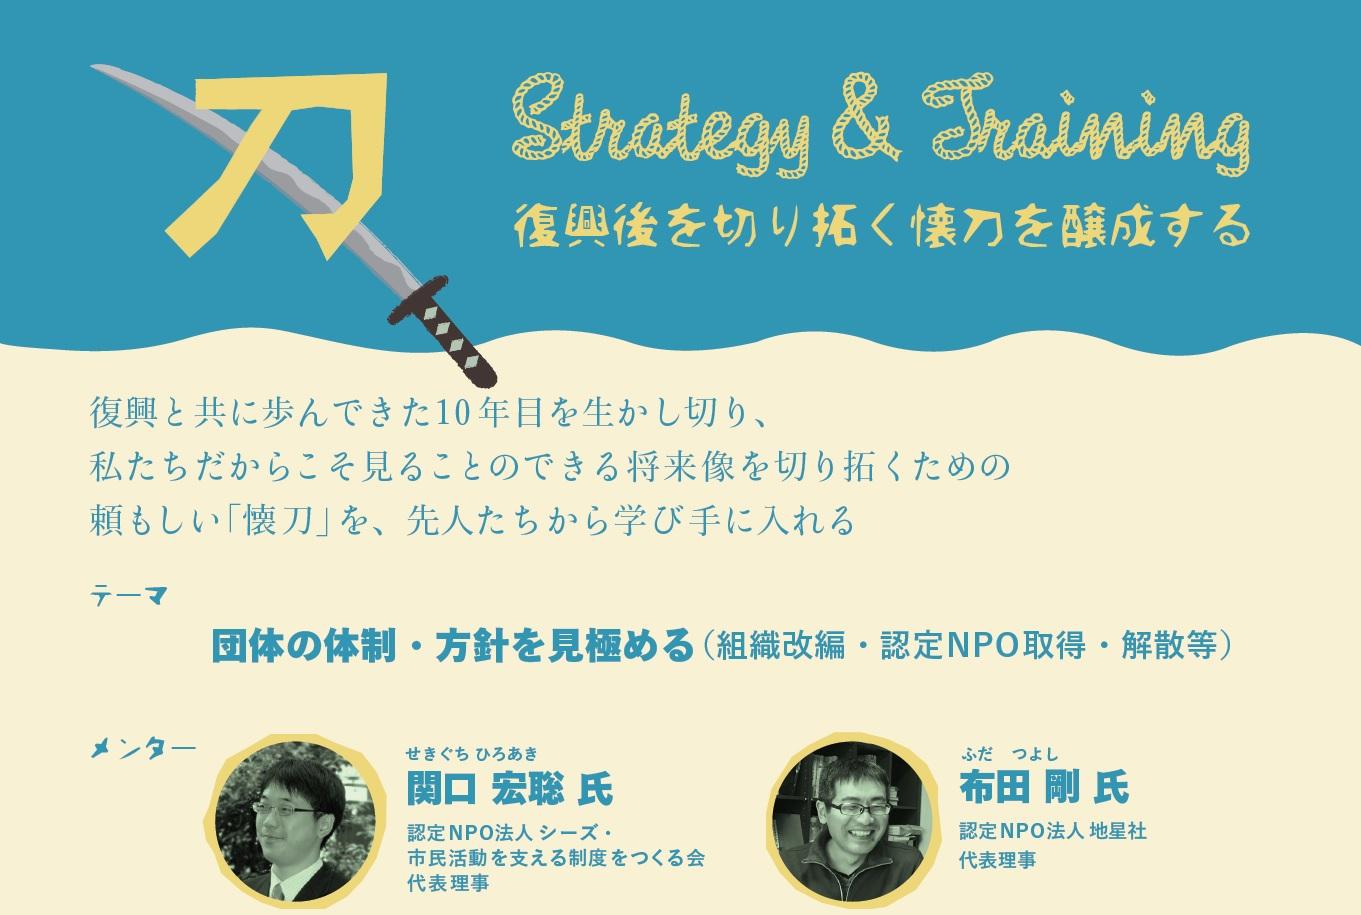 開催告知】刀 strategy&training 復興後を切り拓く懐刀を醸成する ...